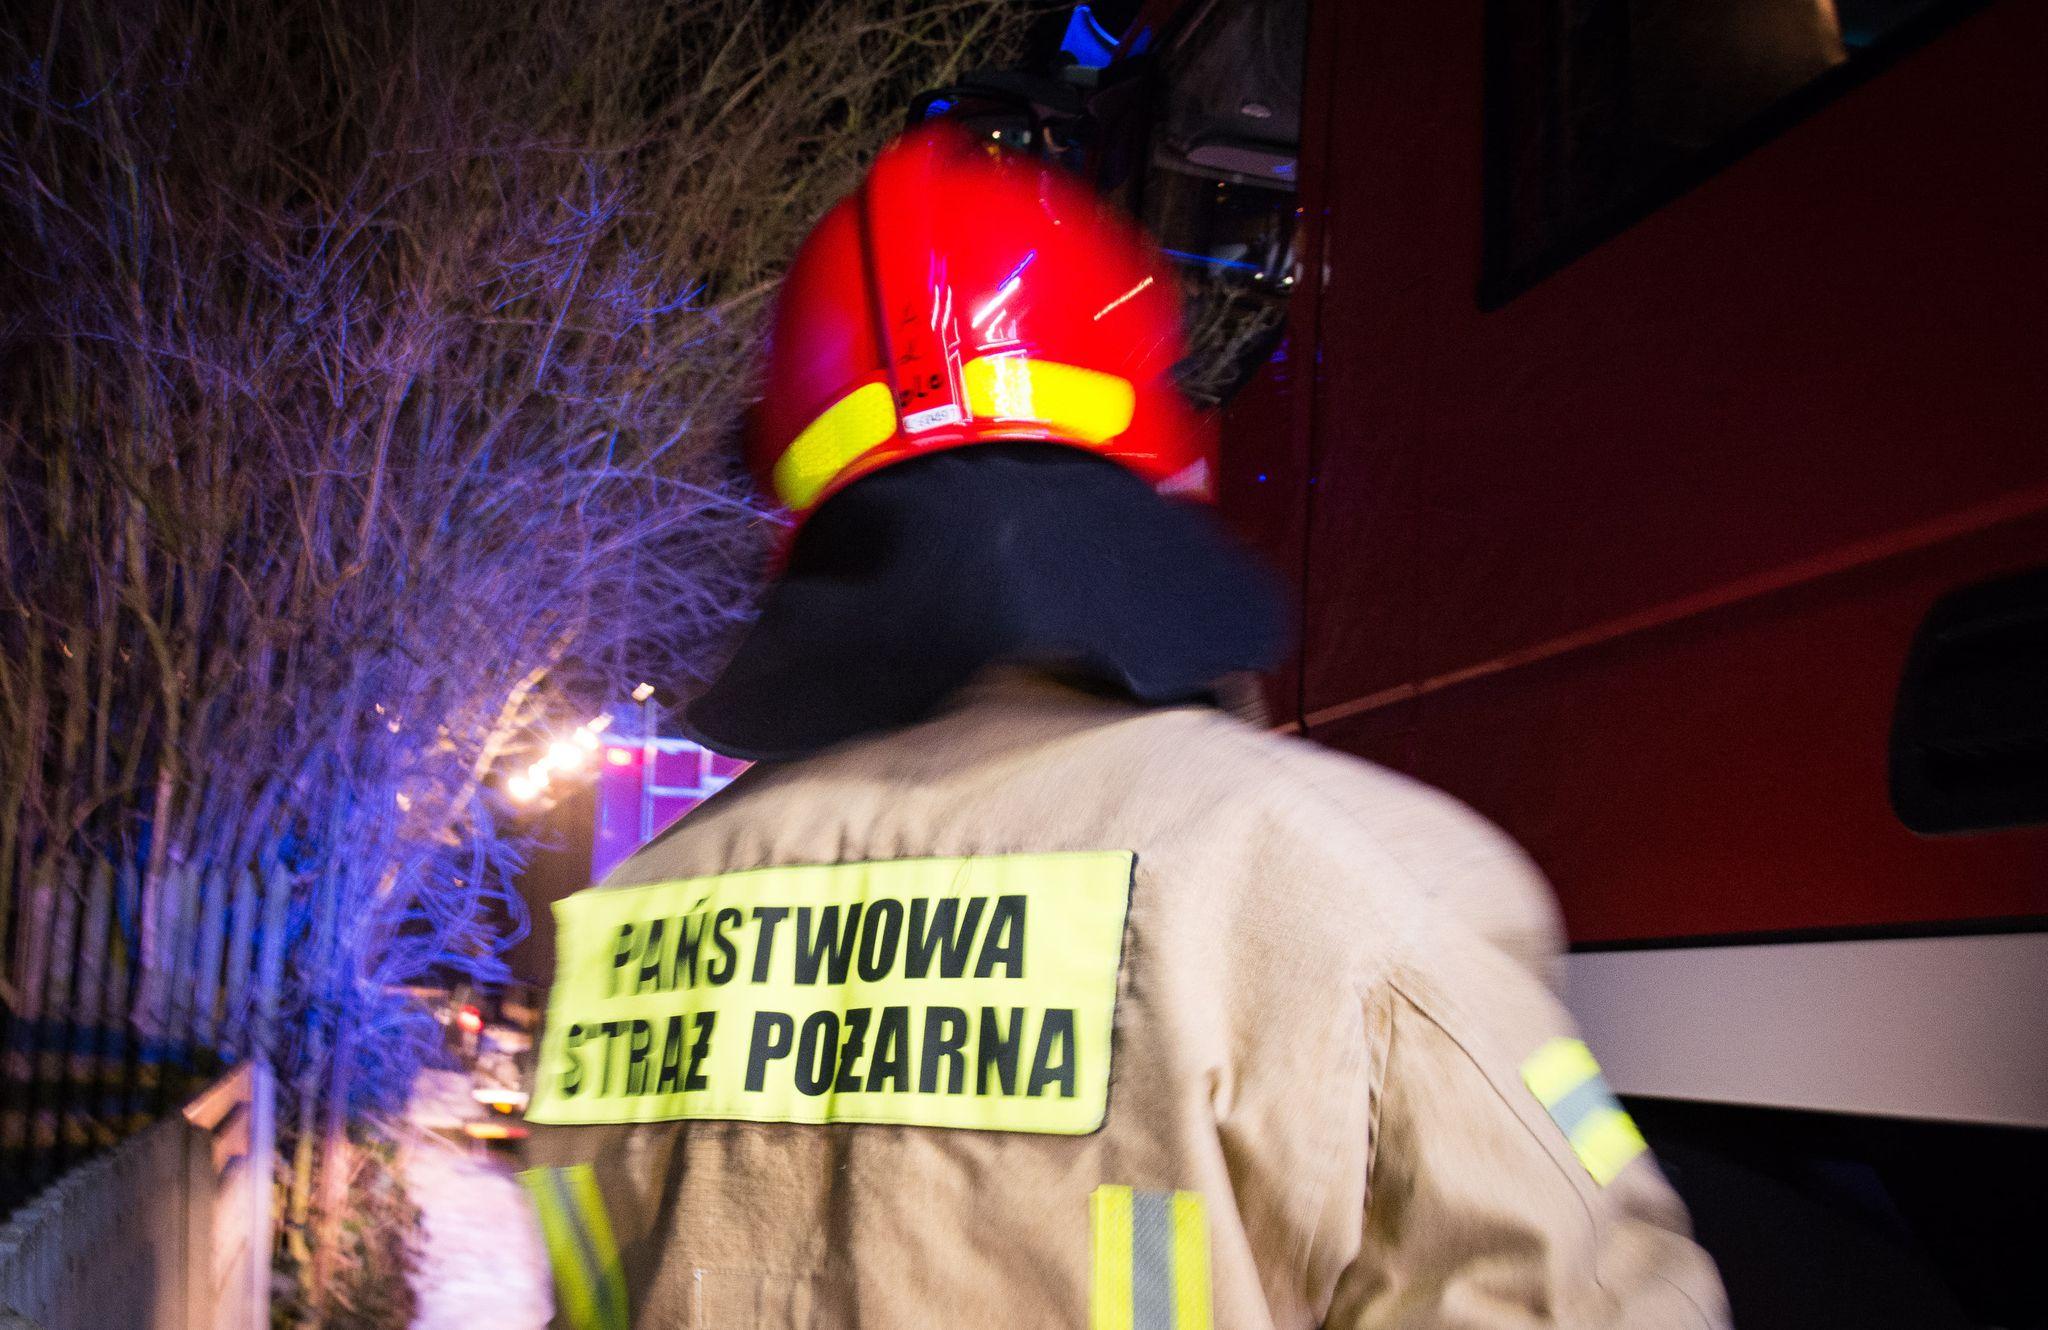 Pożar w zakładzie stolarskim. W akcji 6 zastępów straży pożarnej! - Zdjęcie główne